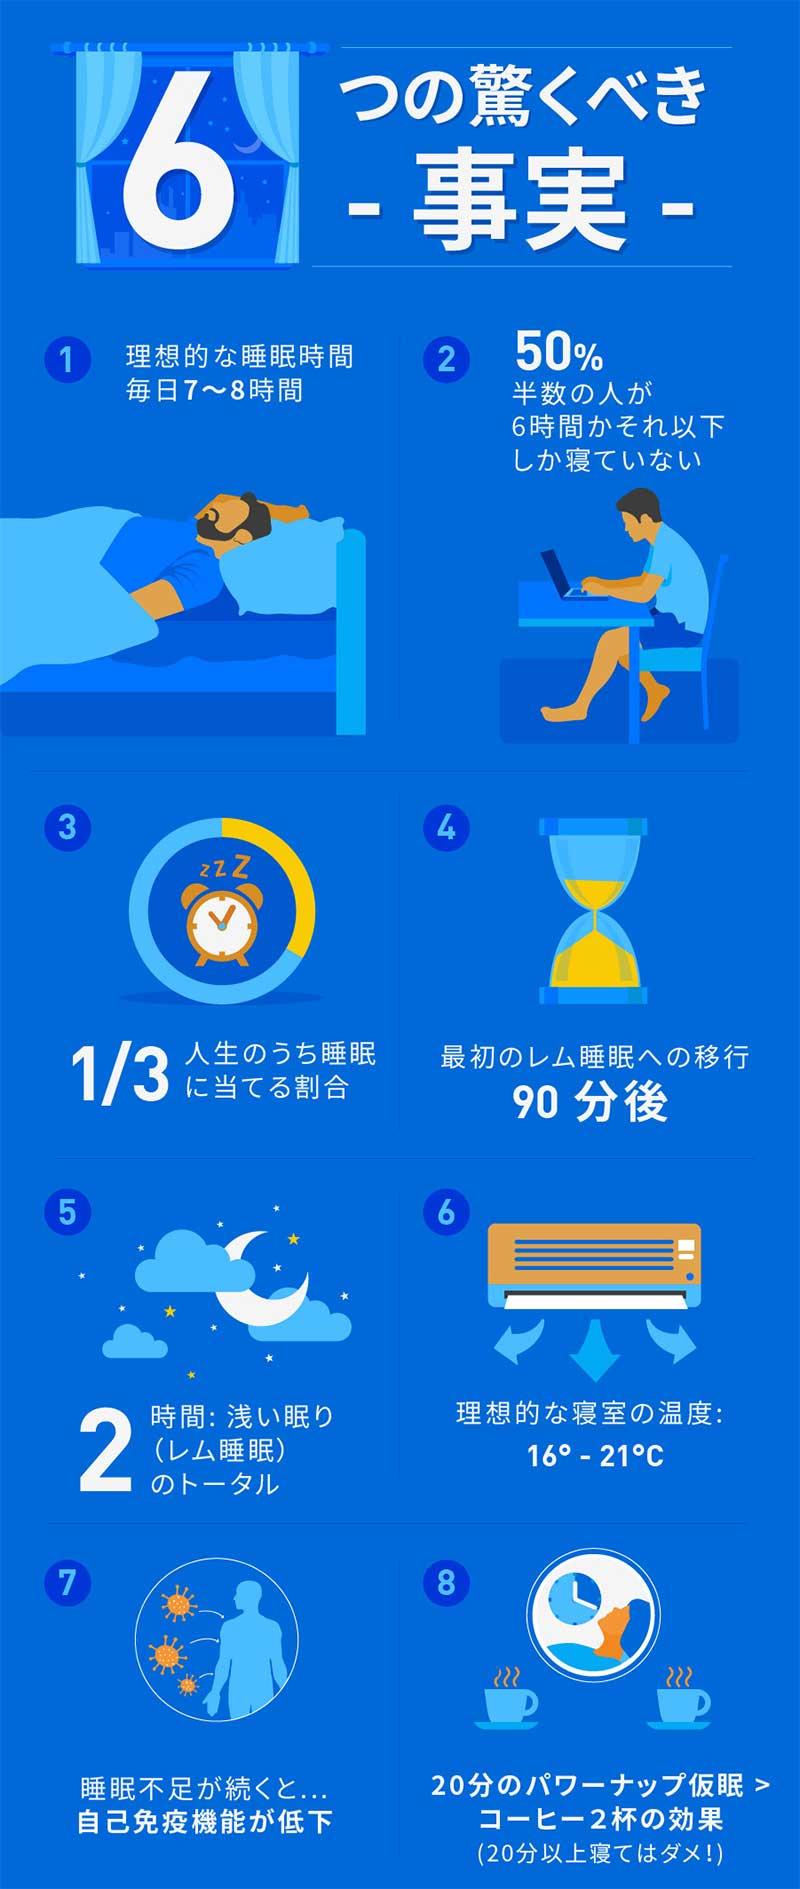 寝不足なら必見! 簡単に実践できる快眠法で、睡眠不足を解消しよう